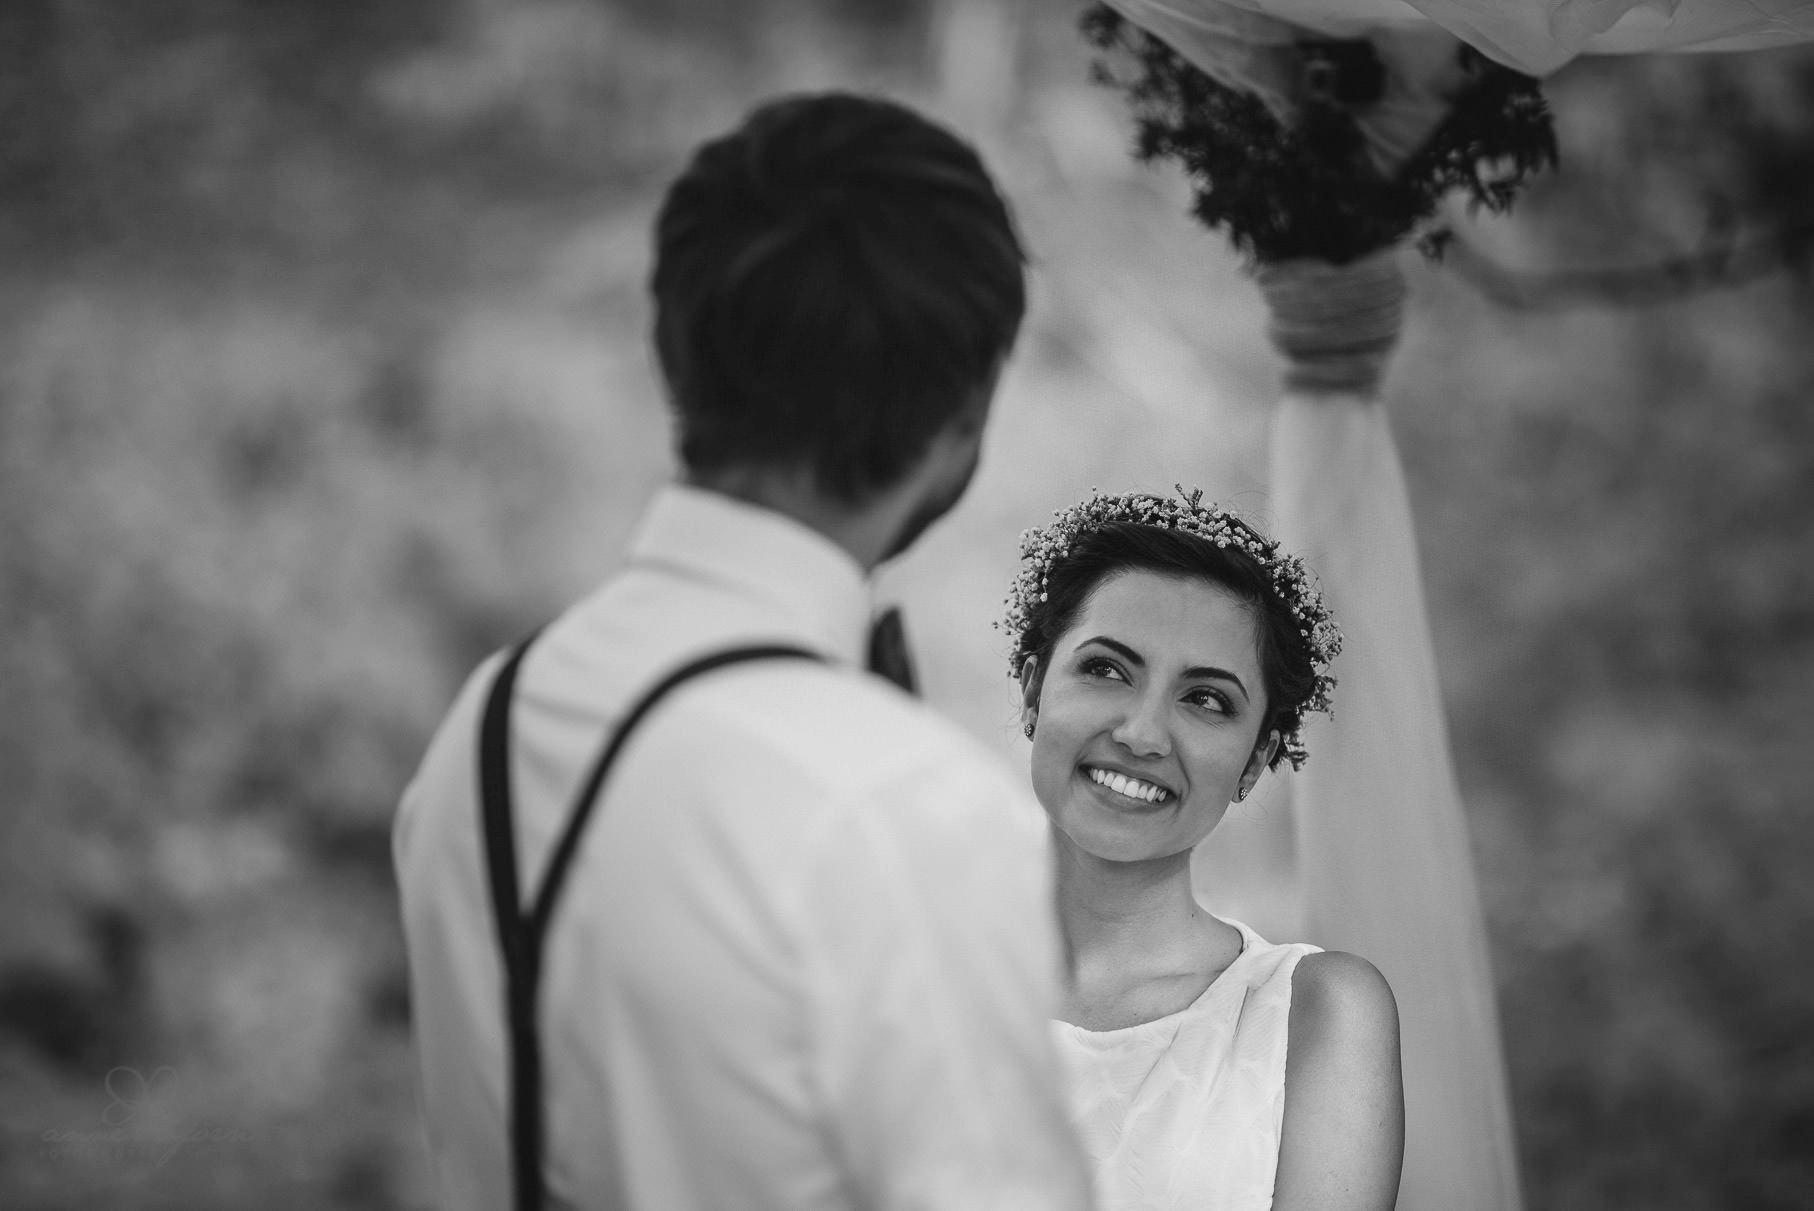 0079 lug d75 6513 bearbeitet - Hochzeit auf Gran Canaria - Linda & Gerald (Elopement)